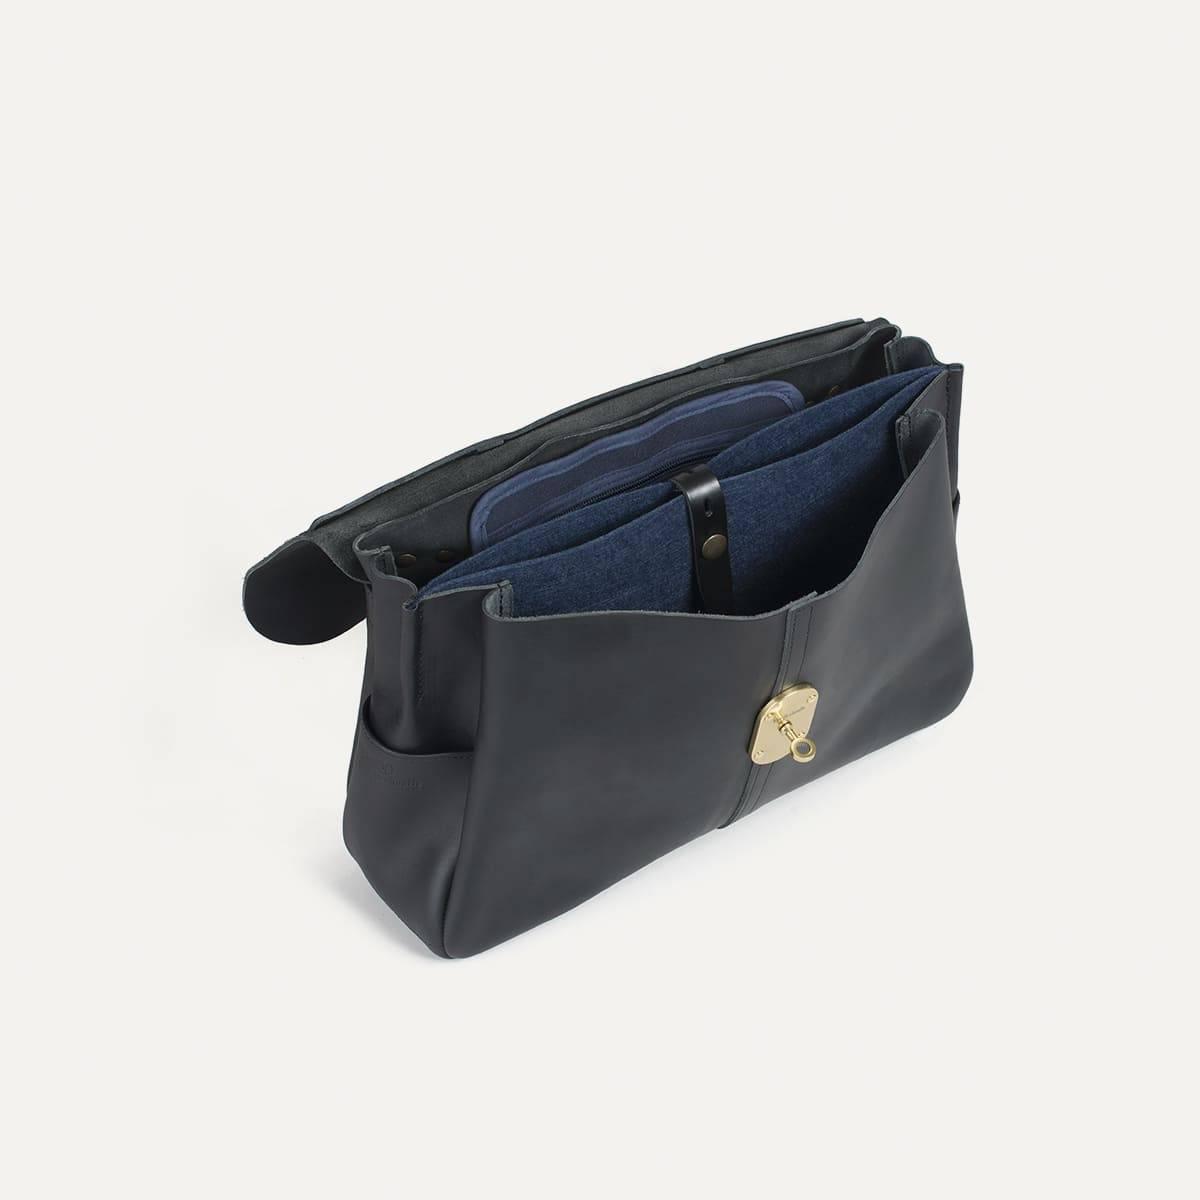 Hank bag - Black (image n°5)